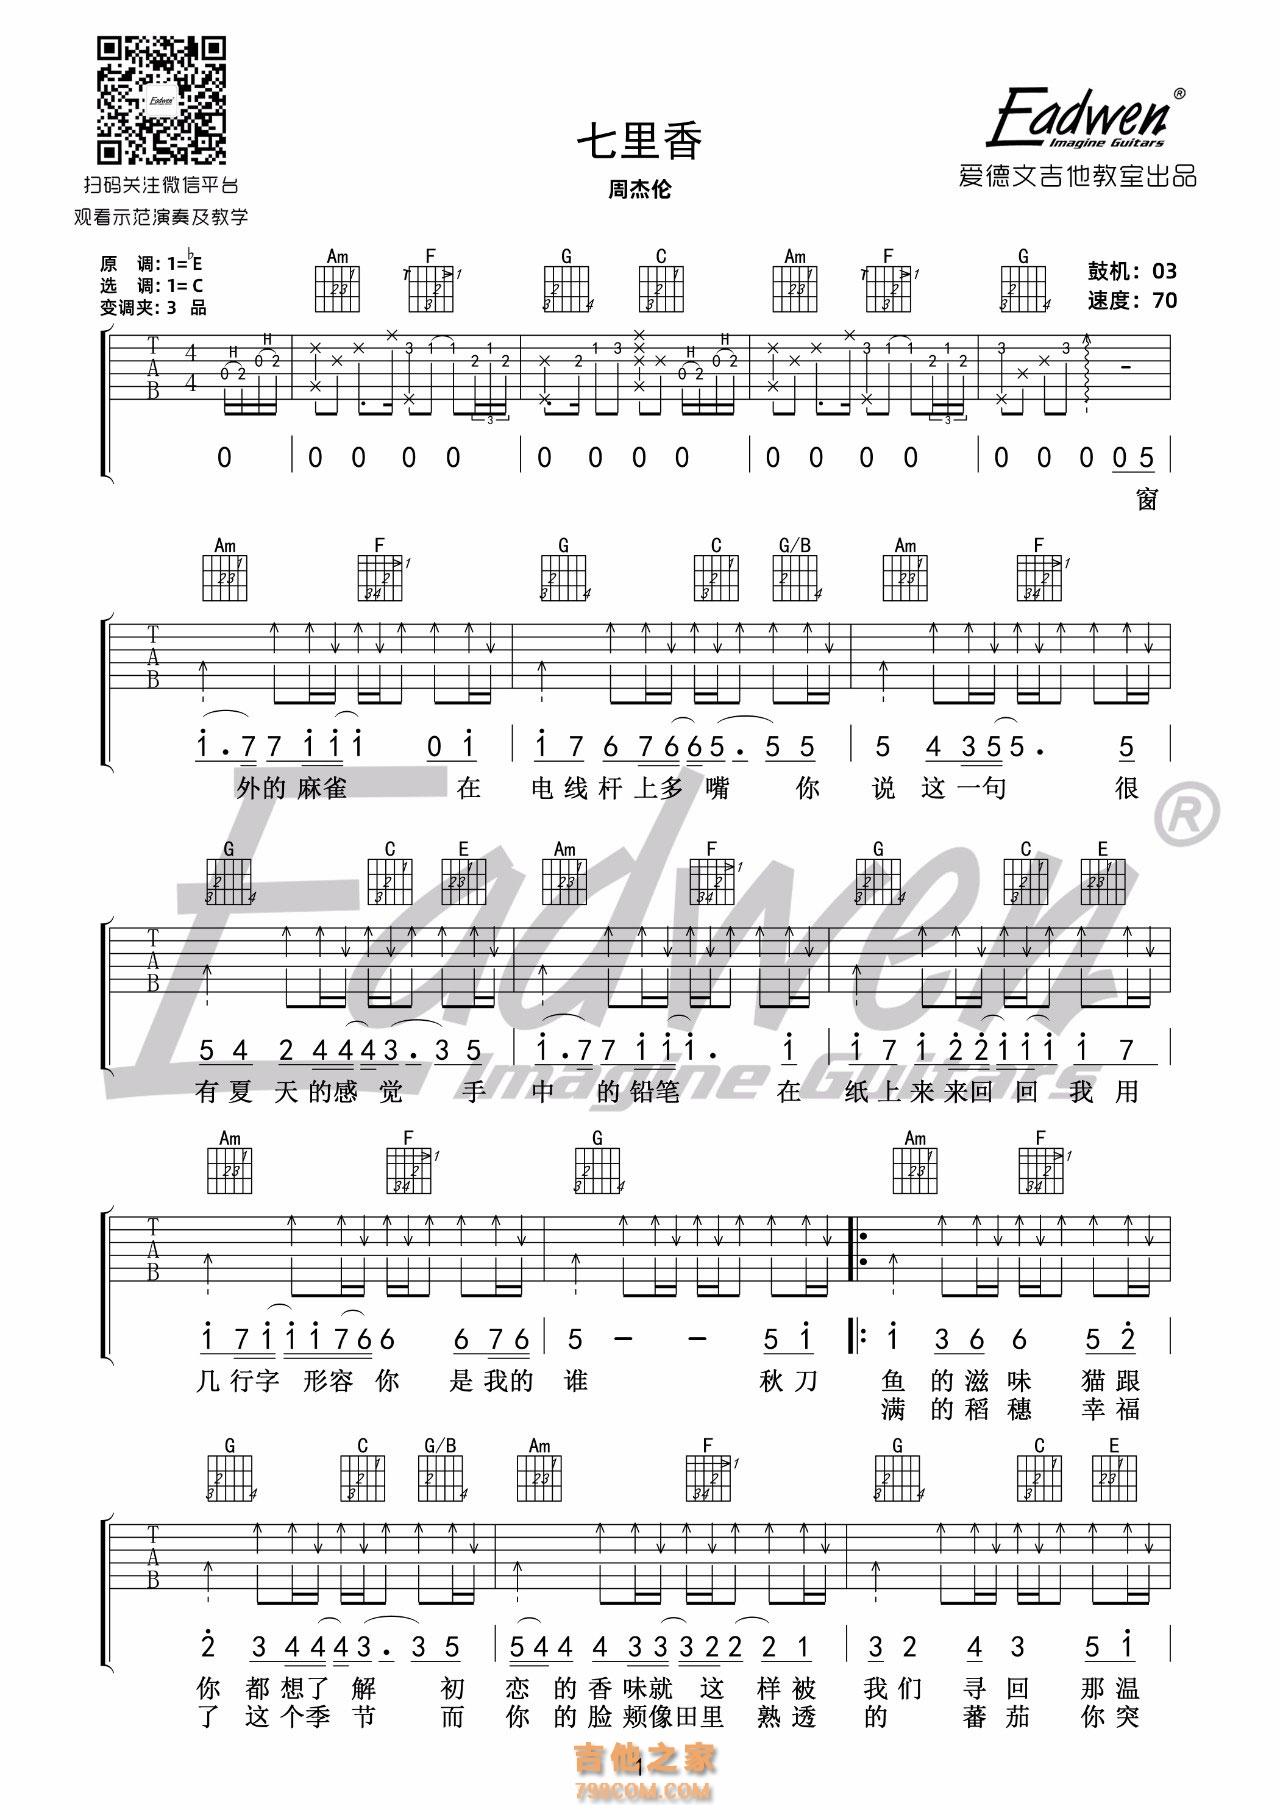 南山南玩易吉他谱_周杰伦《七里香》吉他谱及教学视频[110]爱德文吉他 - 热门吉他谱 ...